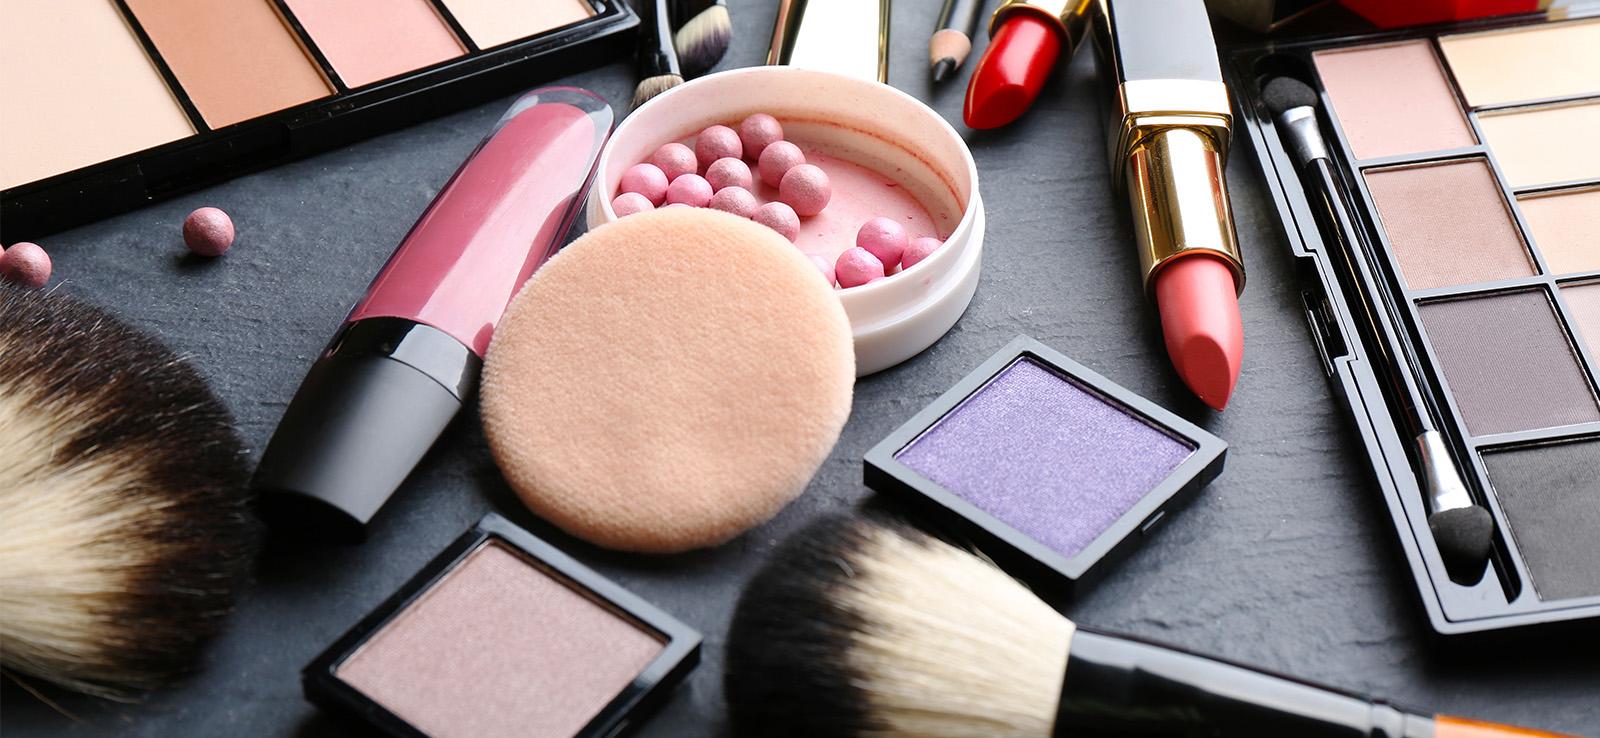 化粧品販売 休眠顧客の掘り起こし 成功事例